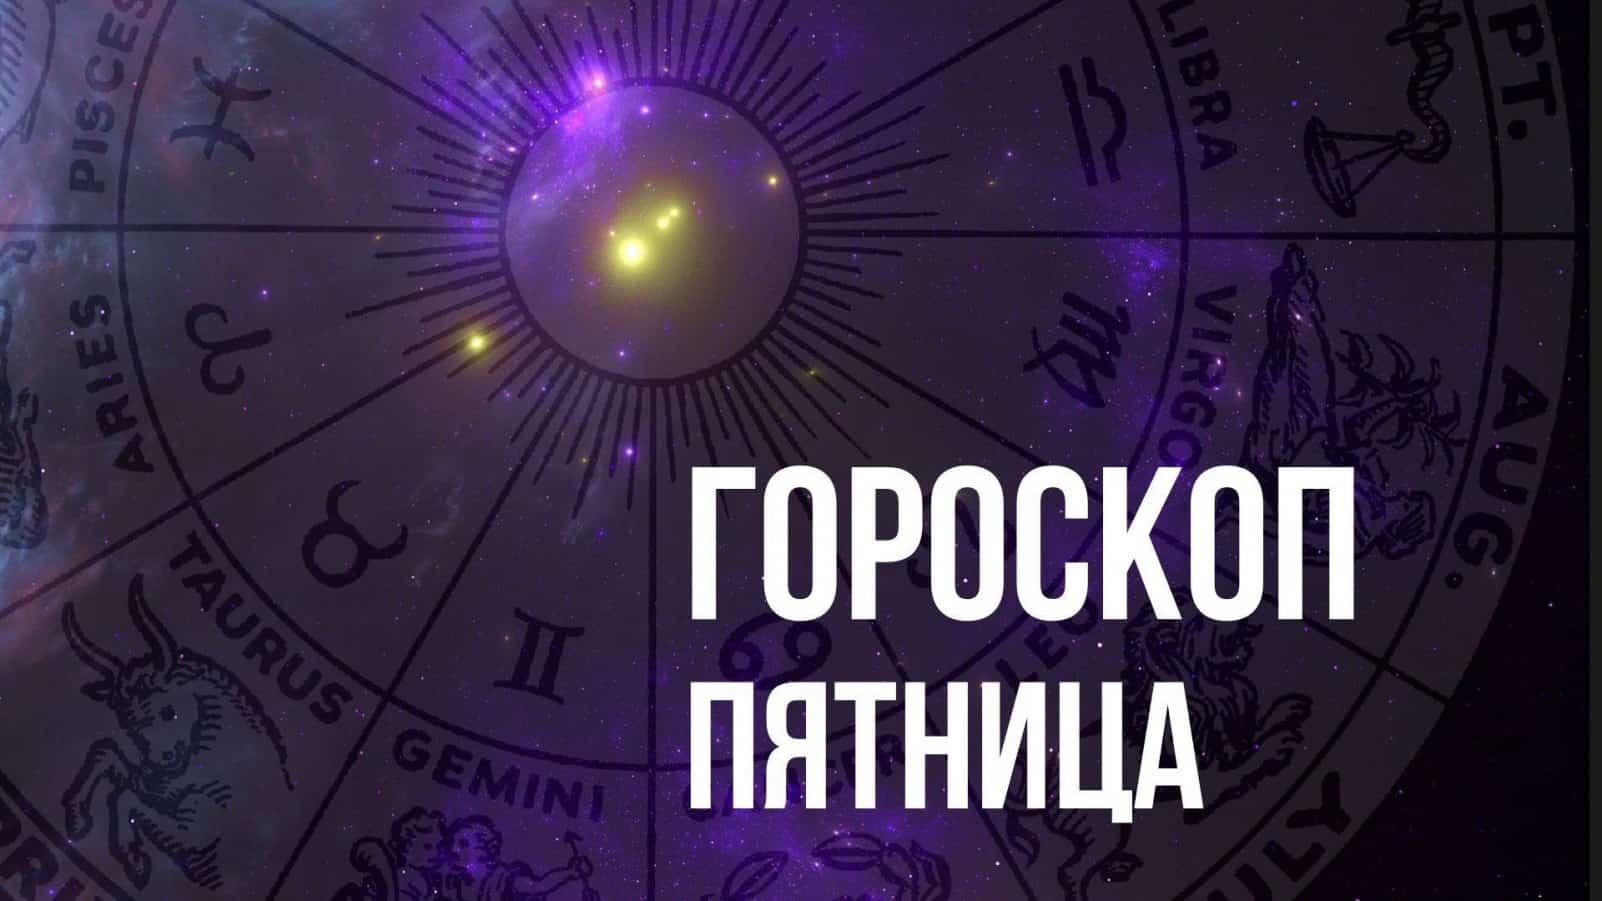 Гороскоп на пятницу 24 сентября для каждого знака Зодиака